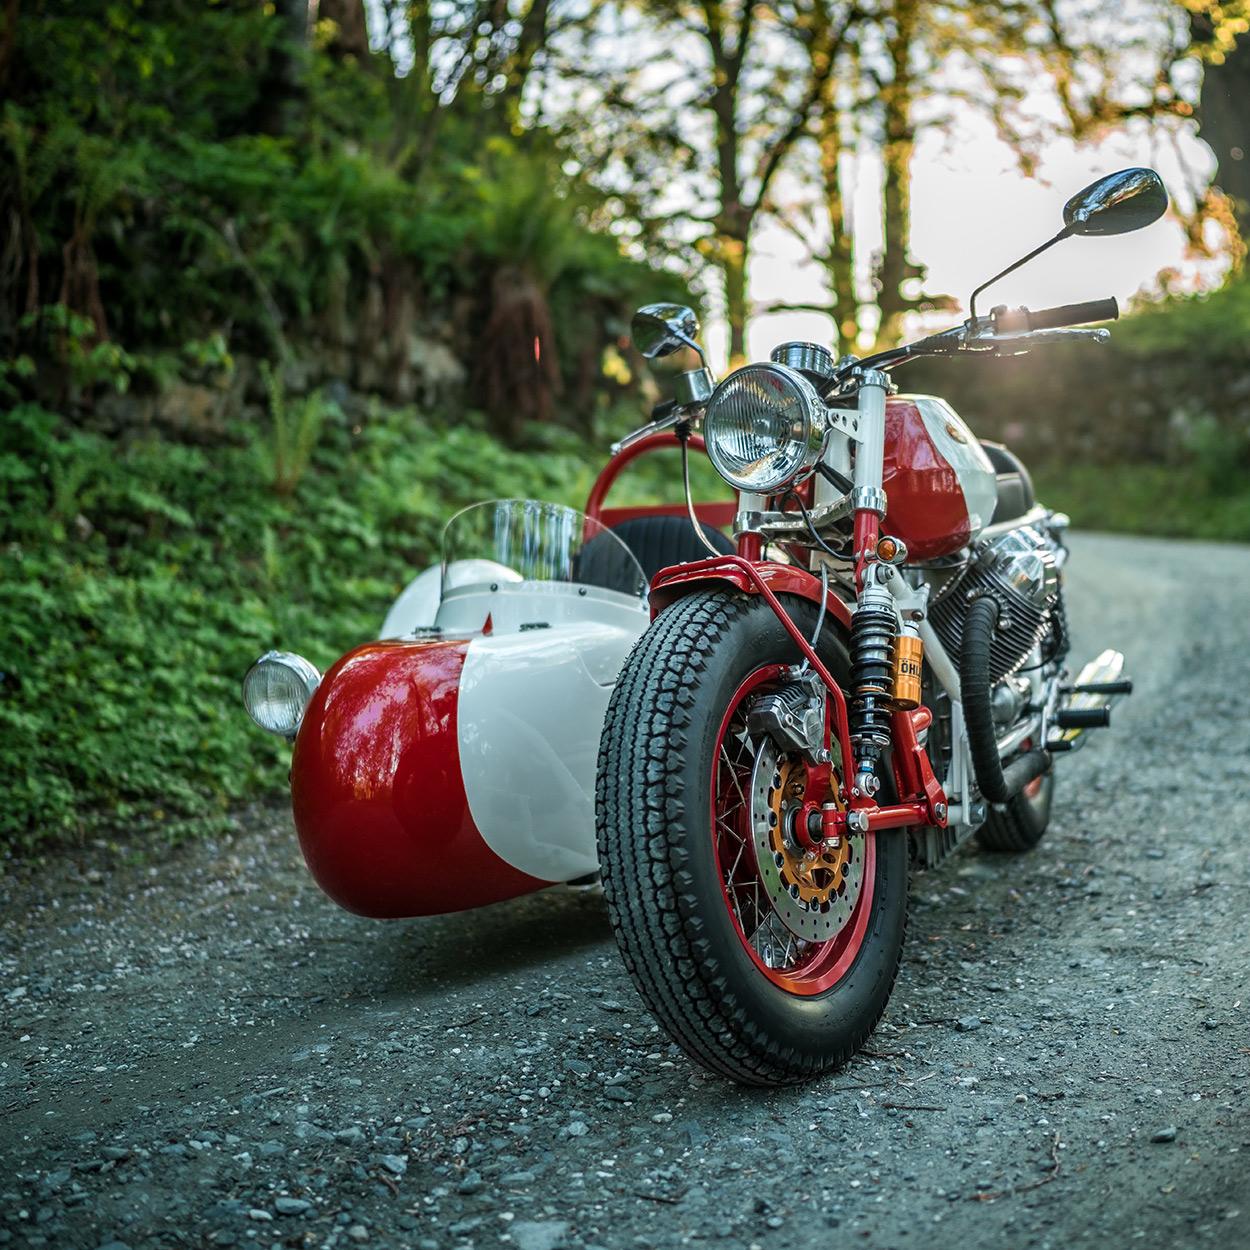 http://kickstart.bikeexif.com/wp-content/uploads/2016/05/moto-guzzi-sidecar-1.jpg